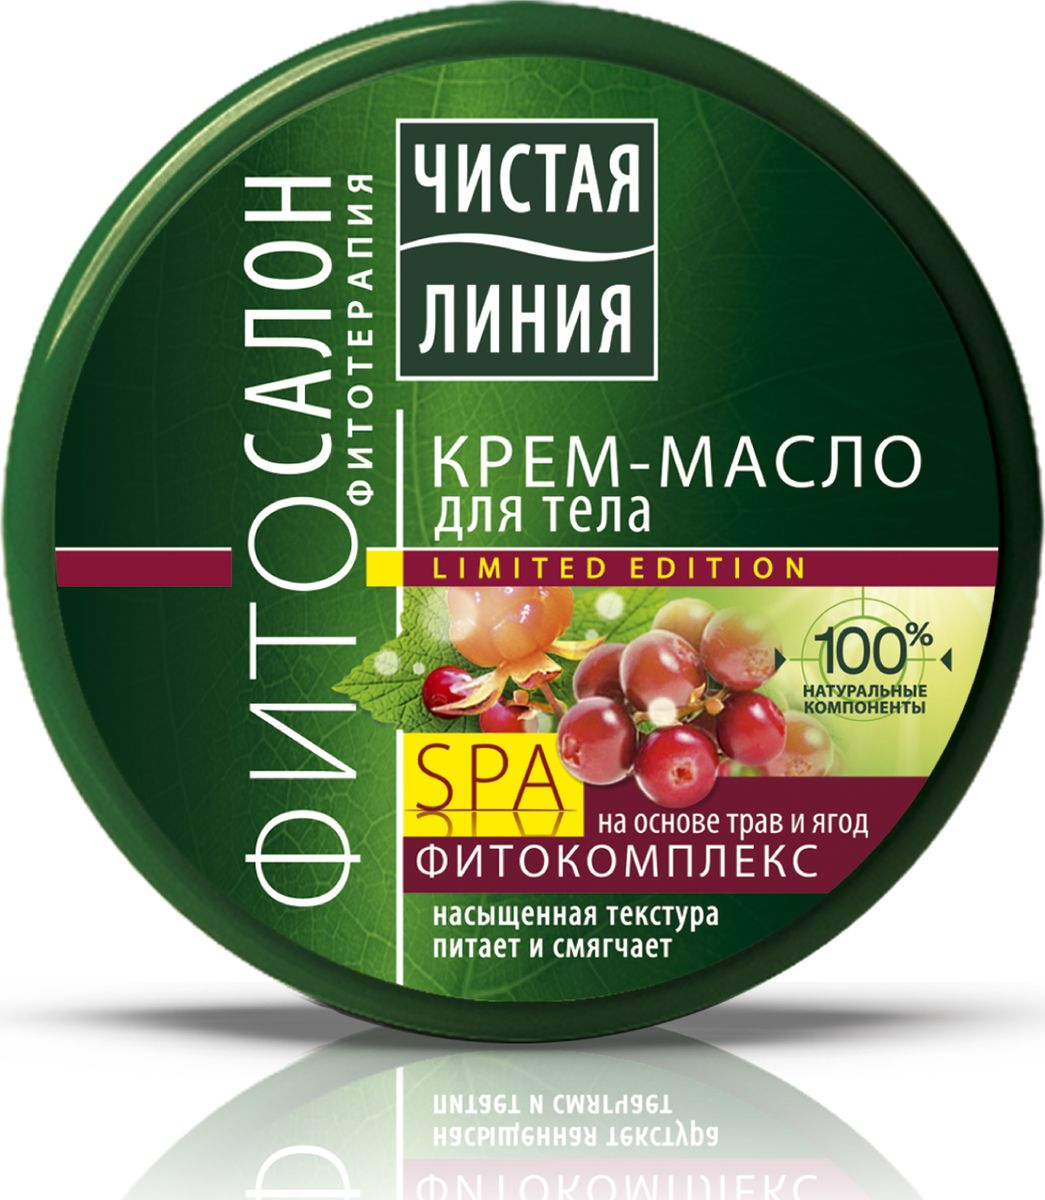 Чистая линия крем-масло для тела Фитосалон, 200 млFS-36054КРЕМ-МАСЛО ДЛЯ ТЕЛА ЧИСТАЯ ЛИНИЯ ФИТОСАЛОН, 200 мл. Густая насыщенная текстура и мгновенное питание. Каждый продукт серии ЧИСТАЯ ЛИНИЯ Фитосалон содержит особый SPA ФИТО-комплекс на основе трав и ягод, который не только заботится о Вашей коже, но и дарит ощущение гармонии и наслаждения. Превратите свою ванну в SPA-салон!. Миссия Чистой линии - беречь и заботиться о естественной красоте и молодости российских женщин, делая их жизнь счастливее с каждым днем. Сегодня, Чистая линия – это один из самых больших брендов самой большой страны! Институт Чистая линия — это передовой исследовательский центр по изучению полезных свойств растений и их эффективного воздействия на кожу и волосы. Чистая линия — единственный косметический бренд, основанный на строгих принципах Фитотерапии. Разработкой продуктов бренда занимаются фитокосметологи - специалисты, которые изучают экстракты растений, их свойств и наиболее эффективные их комбинации. Фитокосметологи руководствуются следующими принципами Фитотерапии: - Не все растения обладают одинаково полезными свойствами. Например, экстракт алоэ не дает того же антивозрастного эффекта, что экстракт вербены.- Растения необходимо правильно собирать и обрабатывать. Листья толокнянки, к примеру, надо собирать в период цветения. - Чтобы экстракты в составе продукта не «спорили», а дополняли действие друг друга, их композиция должна быть составлена грамотно. Ассортимент средств Чистая линия включает в себя множество косметических линий, которые обеспечивают комплексный уход за волосами, лицом и телом для женщины каждой возрастной категории. В нашей косметике собрано все лучшее, что есть в природе для заботы о вашей красоте и молодости. В косметике Чистая Линия используется более 70 разных российских трав. Мы ищем самое лучшее в природе – чтобы делать каждую женщину красивой! Чистая Линия - красота и молодость Вашей кожи и волос!